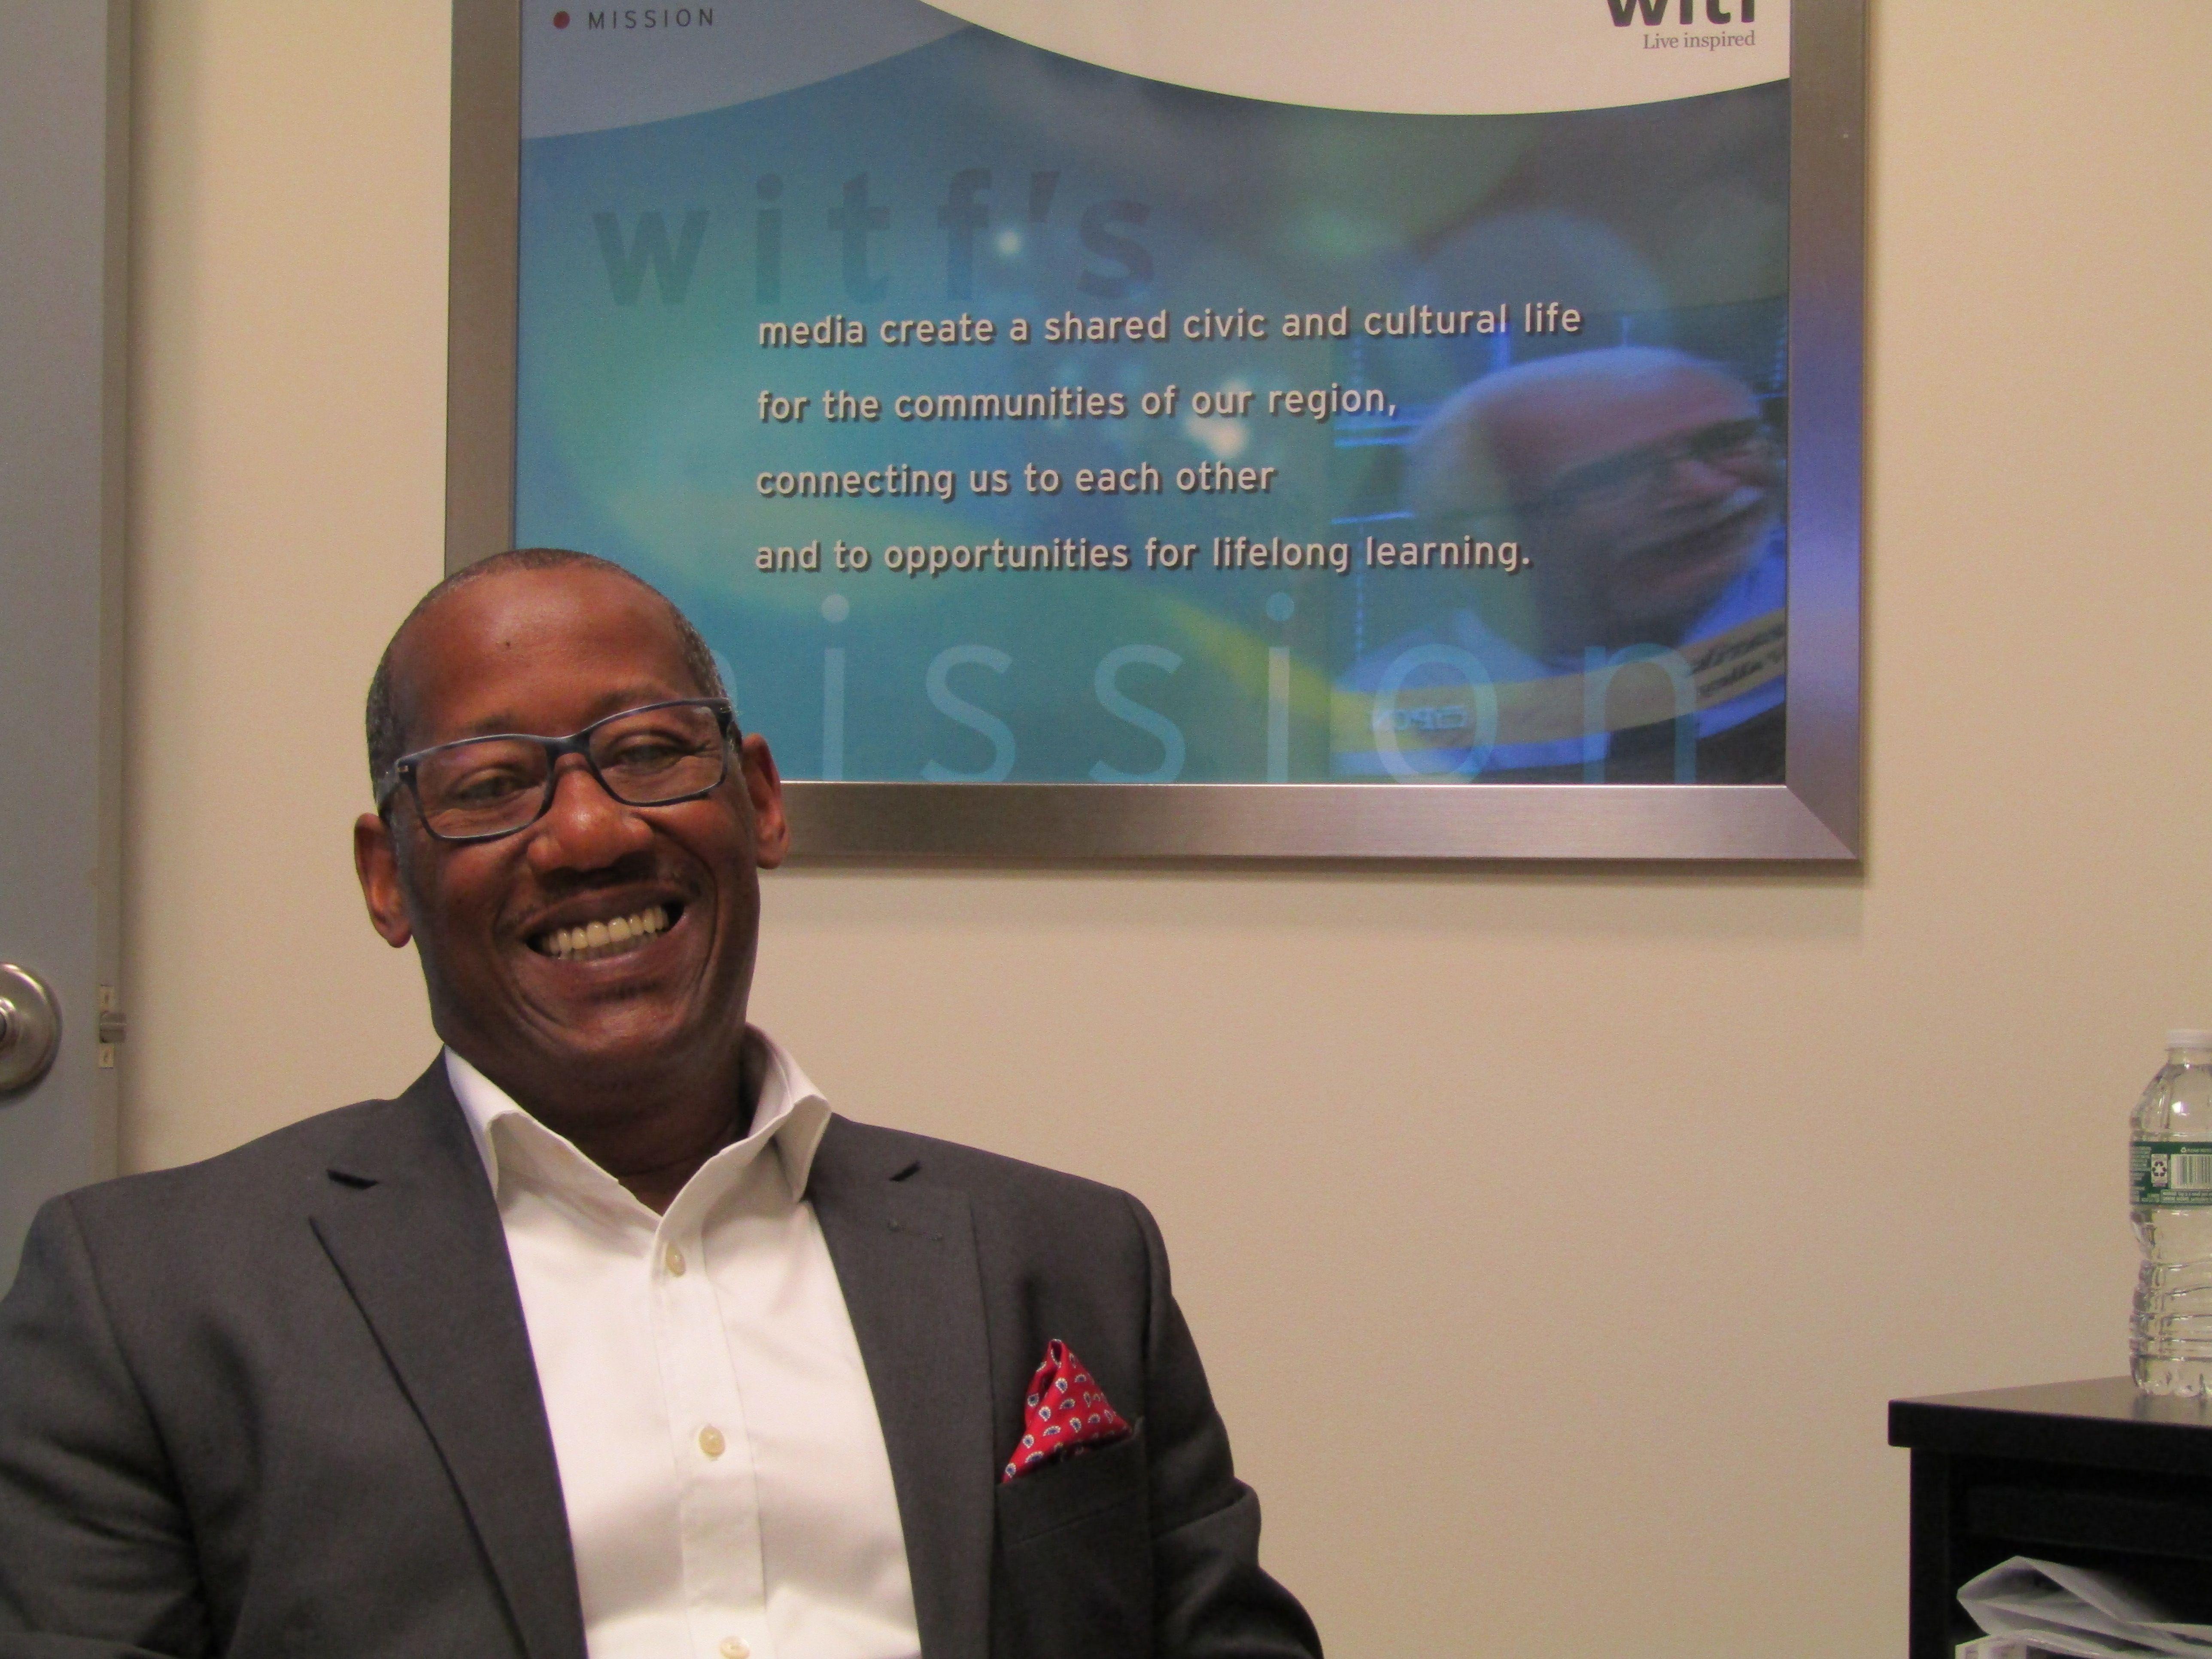 WITF Smart Talk